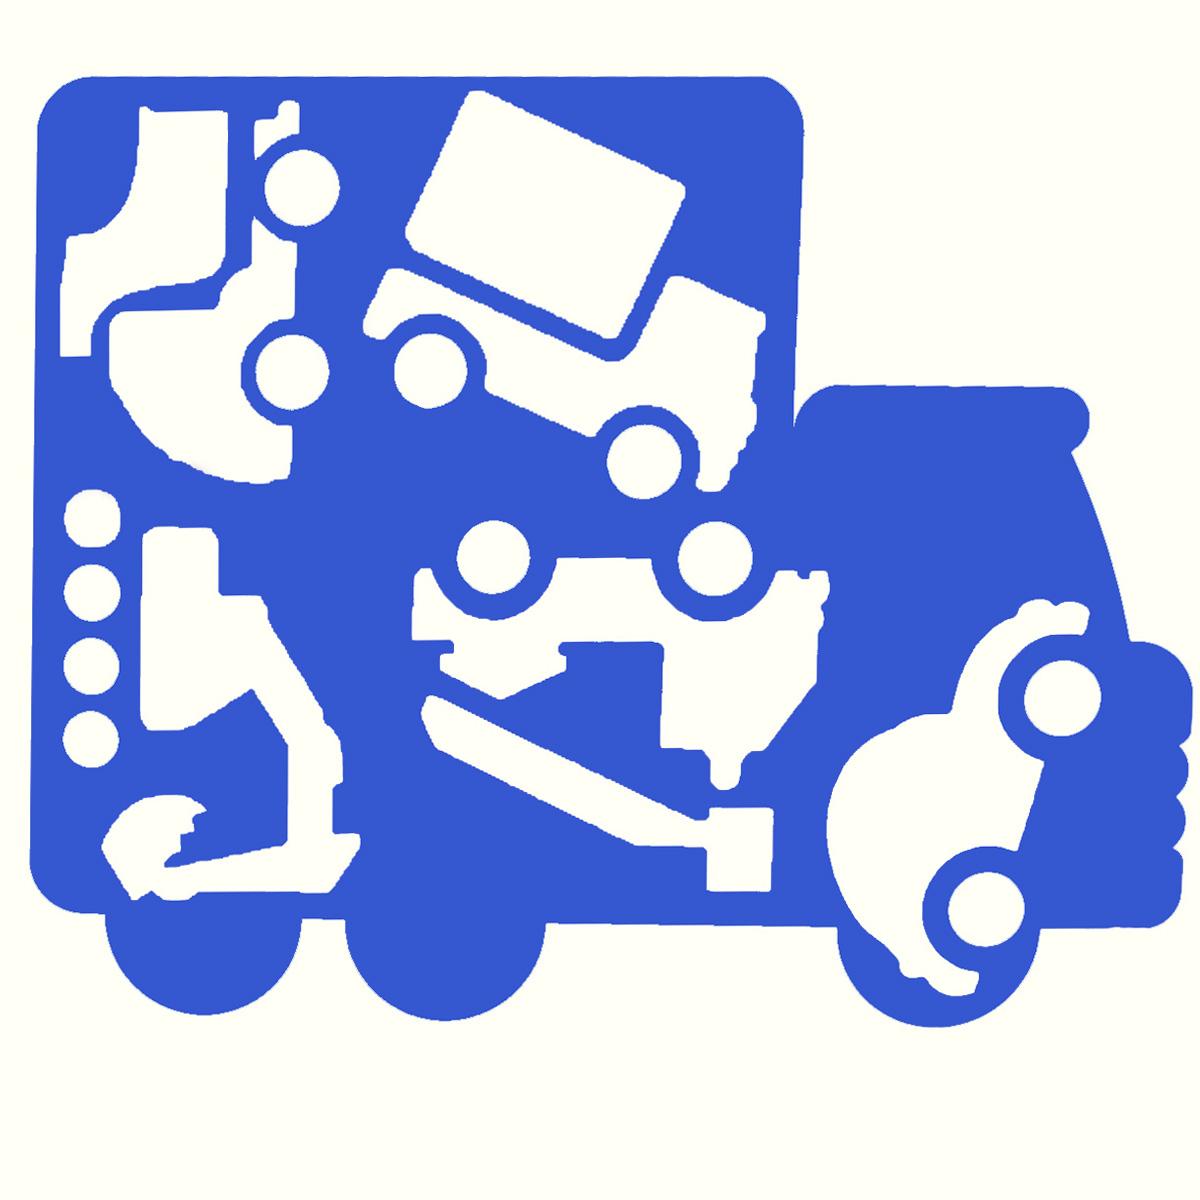 Трафарет фигурный Луч Автомобили, цвет в ассортименте18С 1210-08Трафарет фигурный Луч Автомобили, выполненный из безопасного пластика, предназначен для детского творчества. При помощи этого трафарета ребенок может нарисовать большой автомобиль-грузовик, а также пять маленьких машин разных видов и назначений. Трафарет можно использовать для рисования отдельных машинок и композиций из них, а также для изготовления аппликаций. Трафареты предназначены для развития у детей мелкой моторики и зрительно-двигательной координации, навыков художественной композиции и зрительного восприятия. УВАЖАЕМЫЕ КЛИЕНТЫ! Товар поставляется в цветовом ассортименте. Поставка осуществляется в зависимости от наличия на складе.